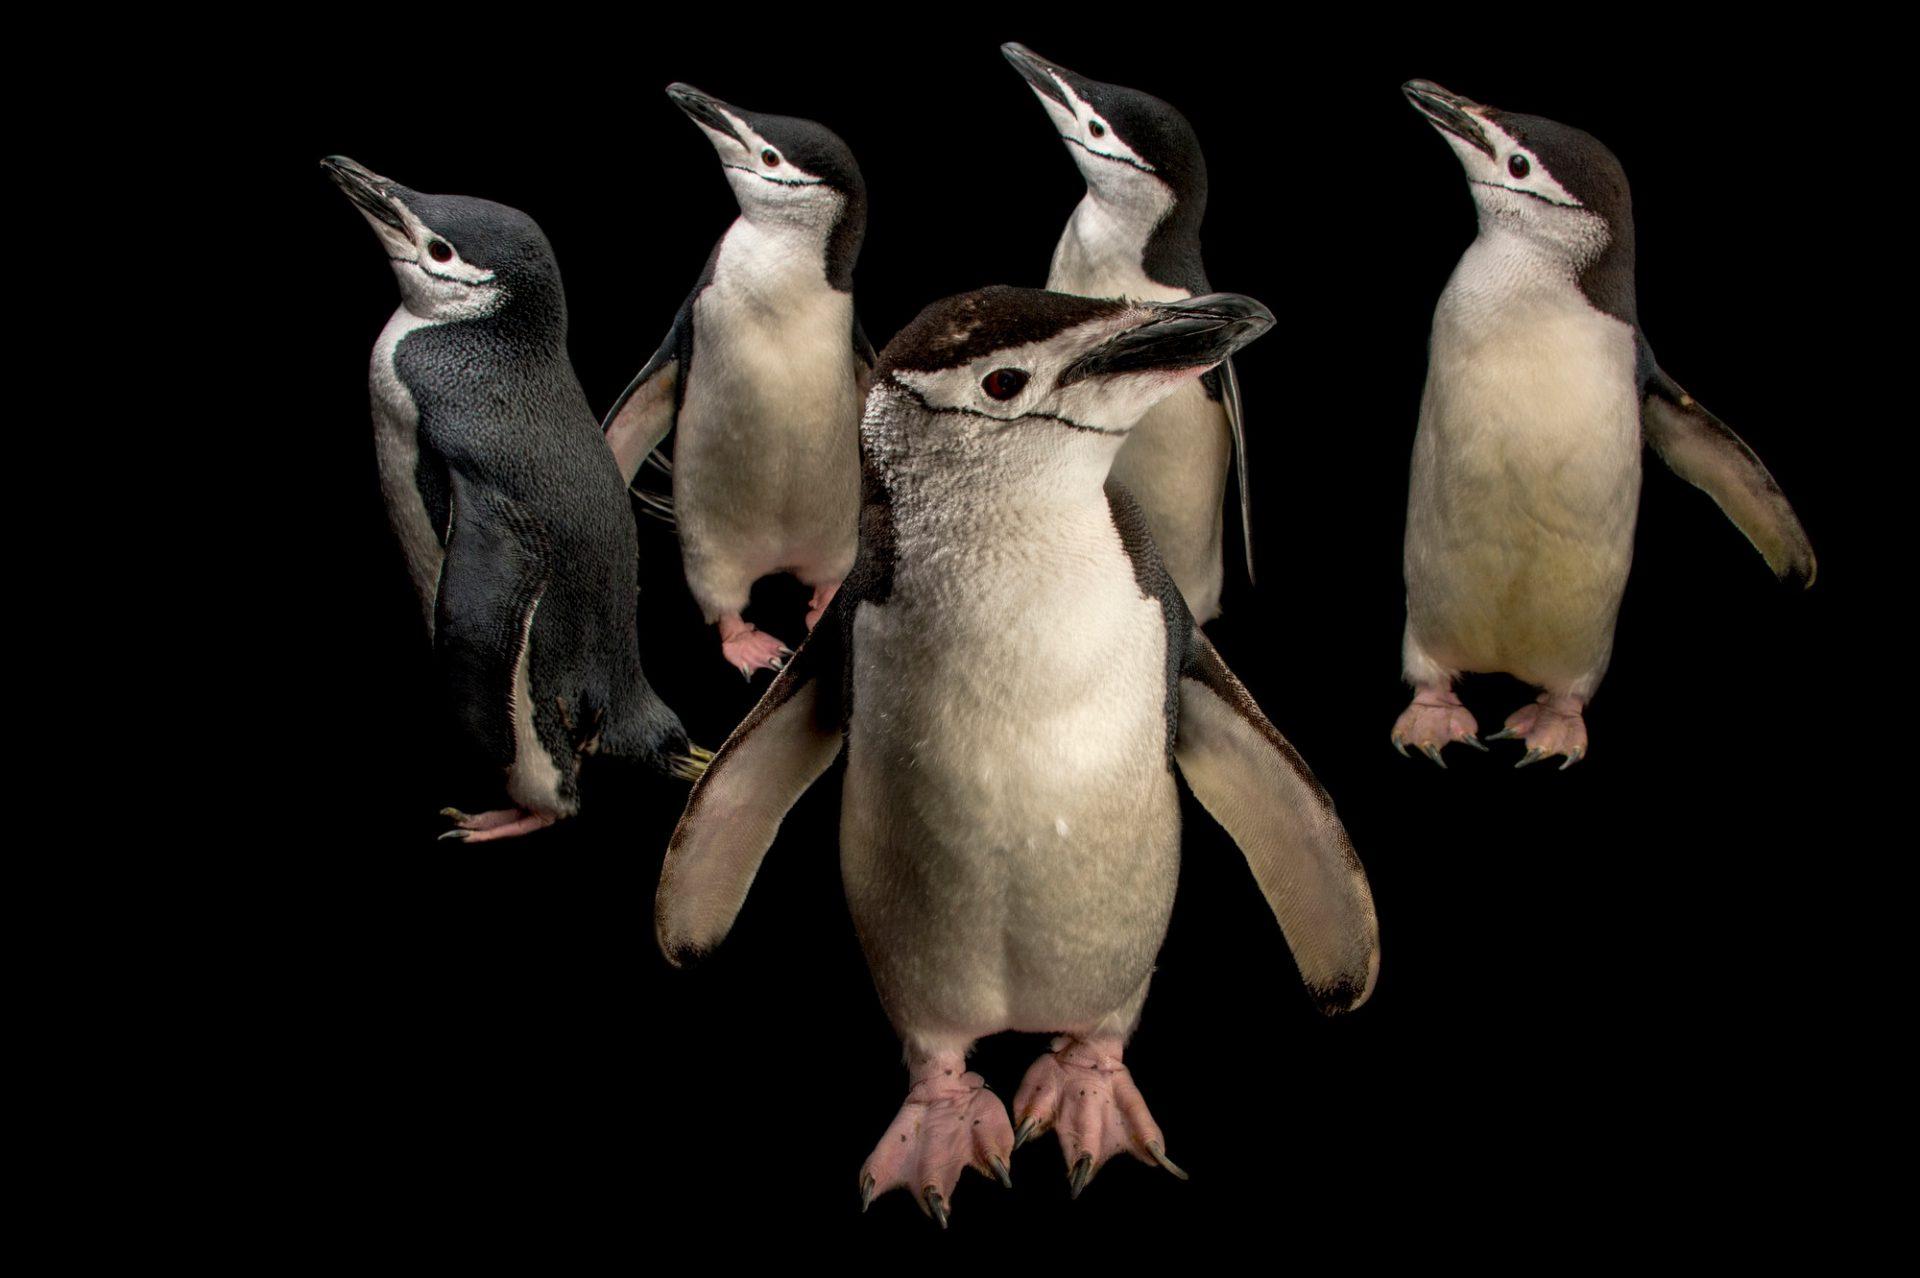 Picture of chinstrap penguins (Pygoscelis antarcticus) at the Newport Aquarium.